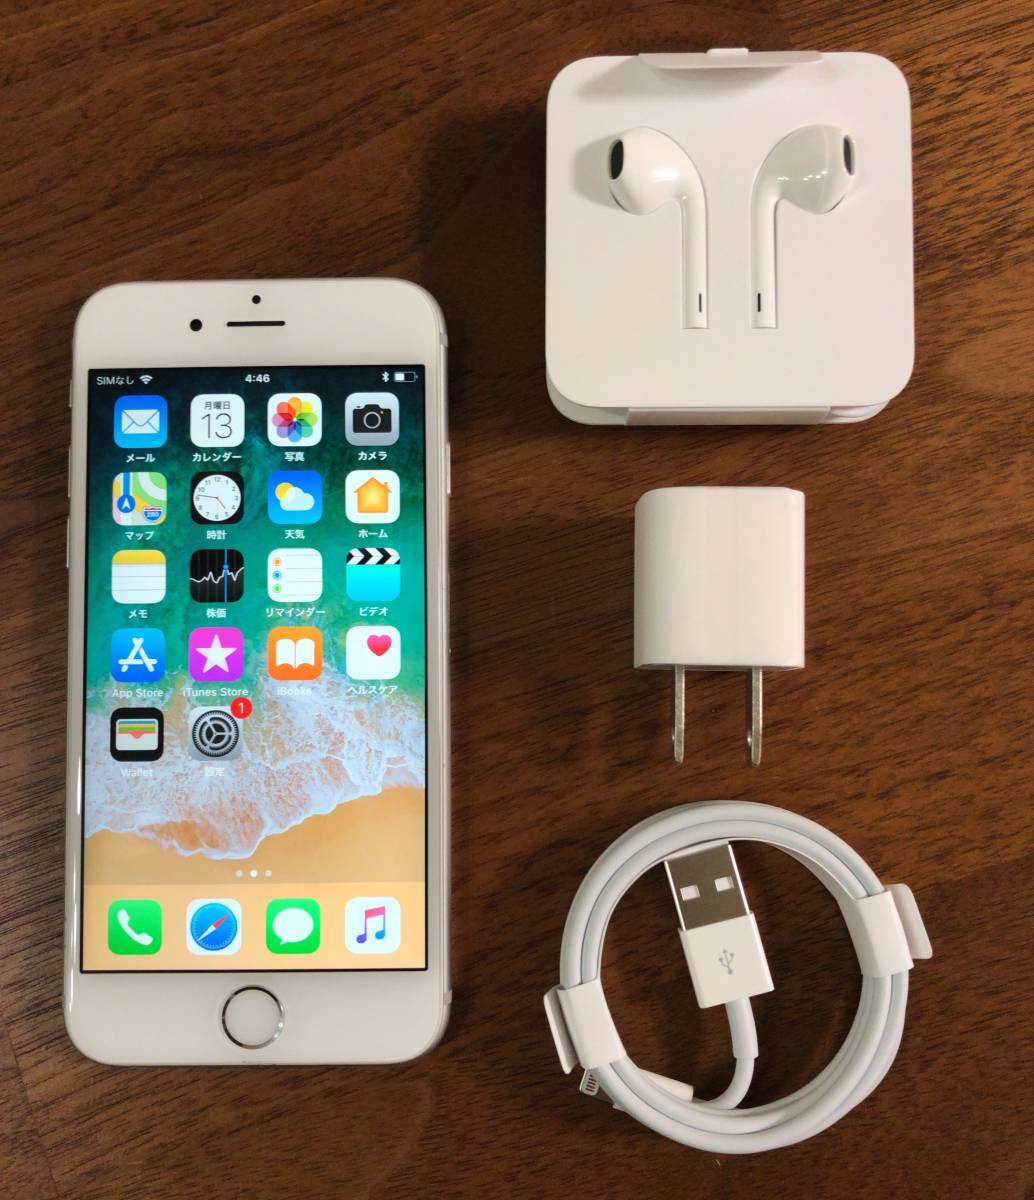 【美品】Apple iPhone6s 128GB シルバー / au購入 SIMロック解除済み SIMフリー